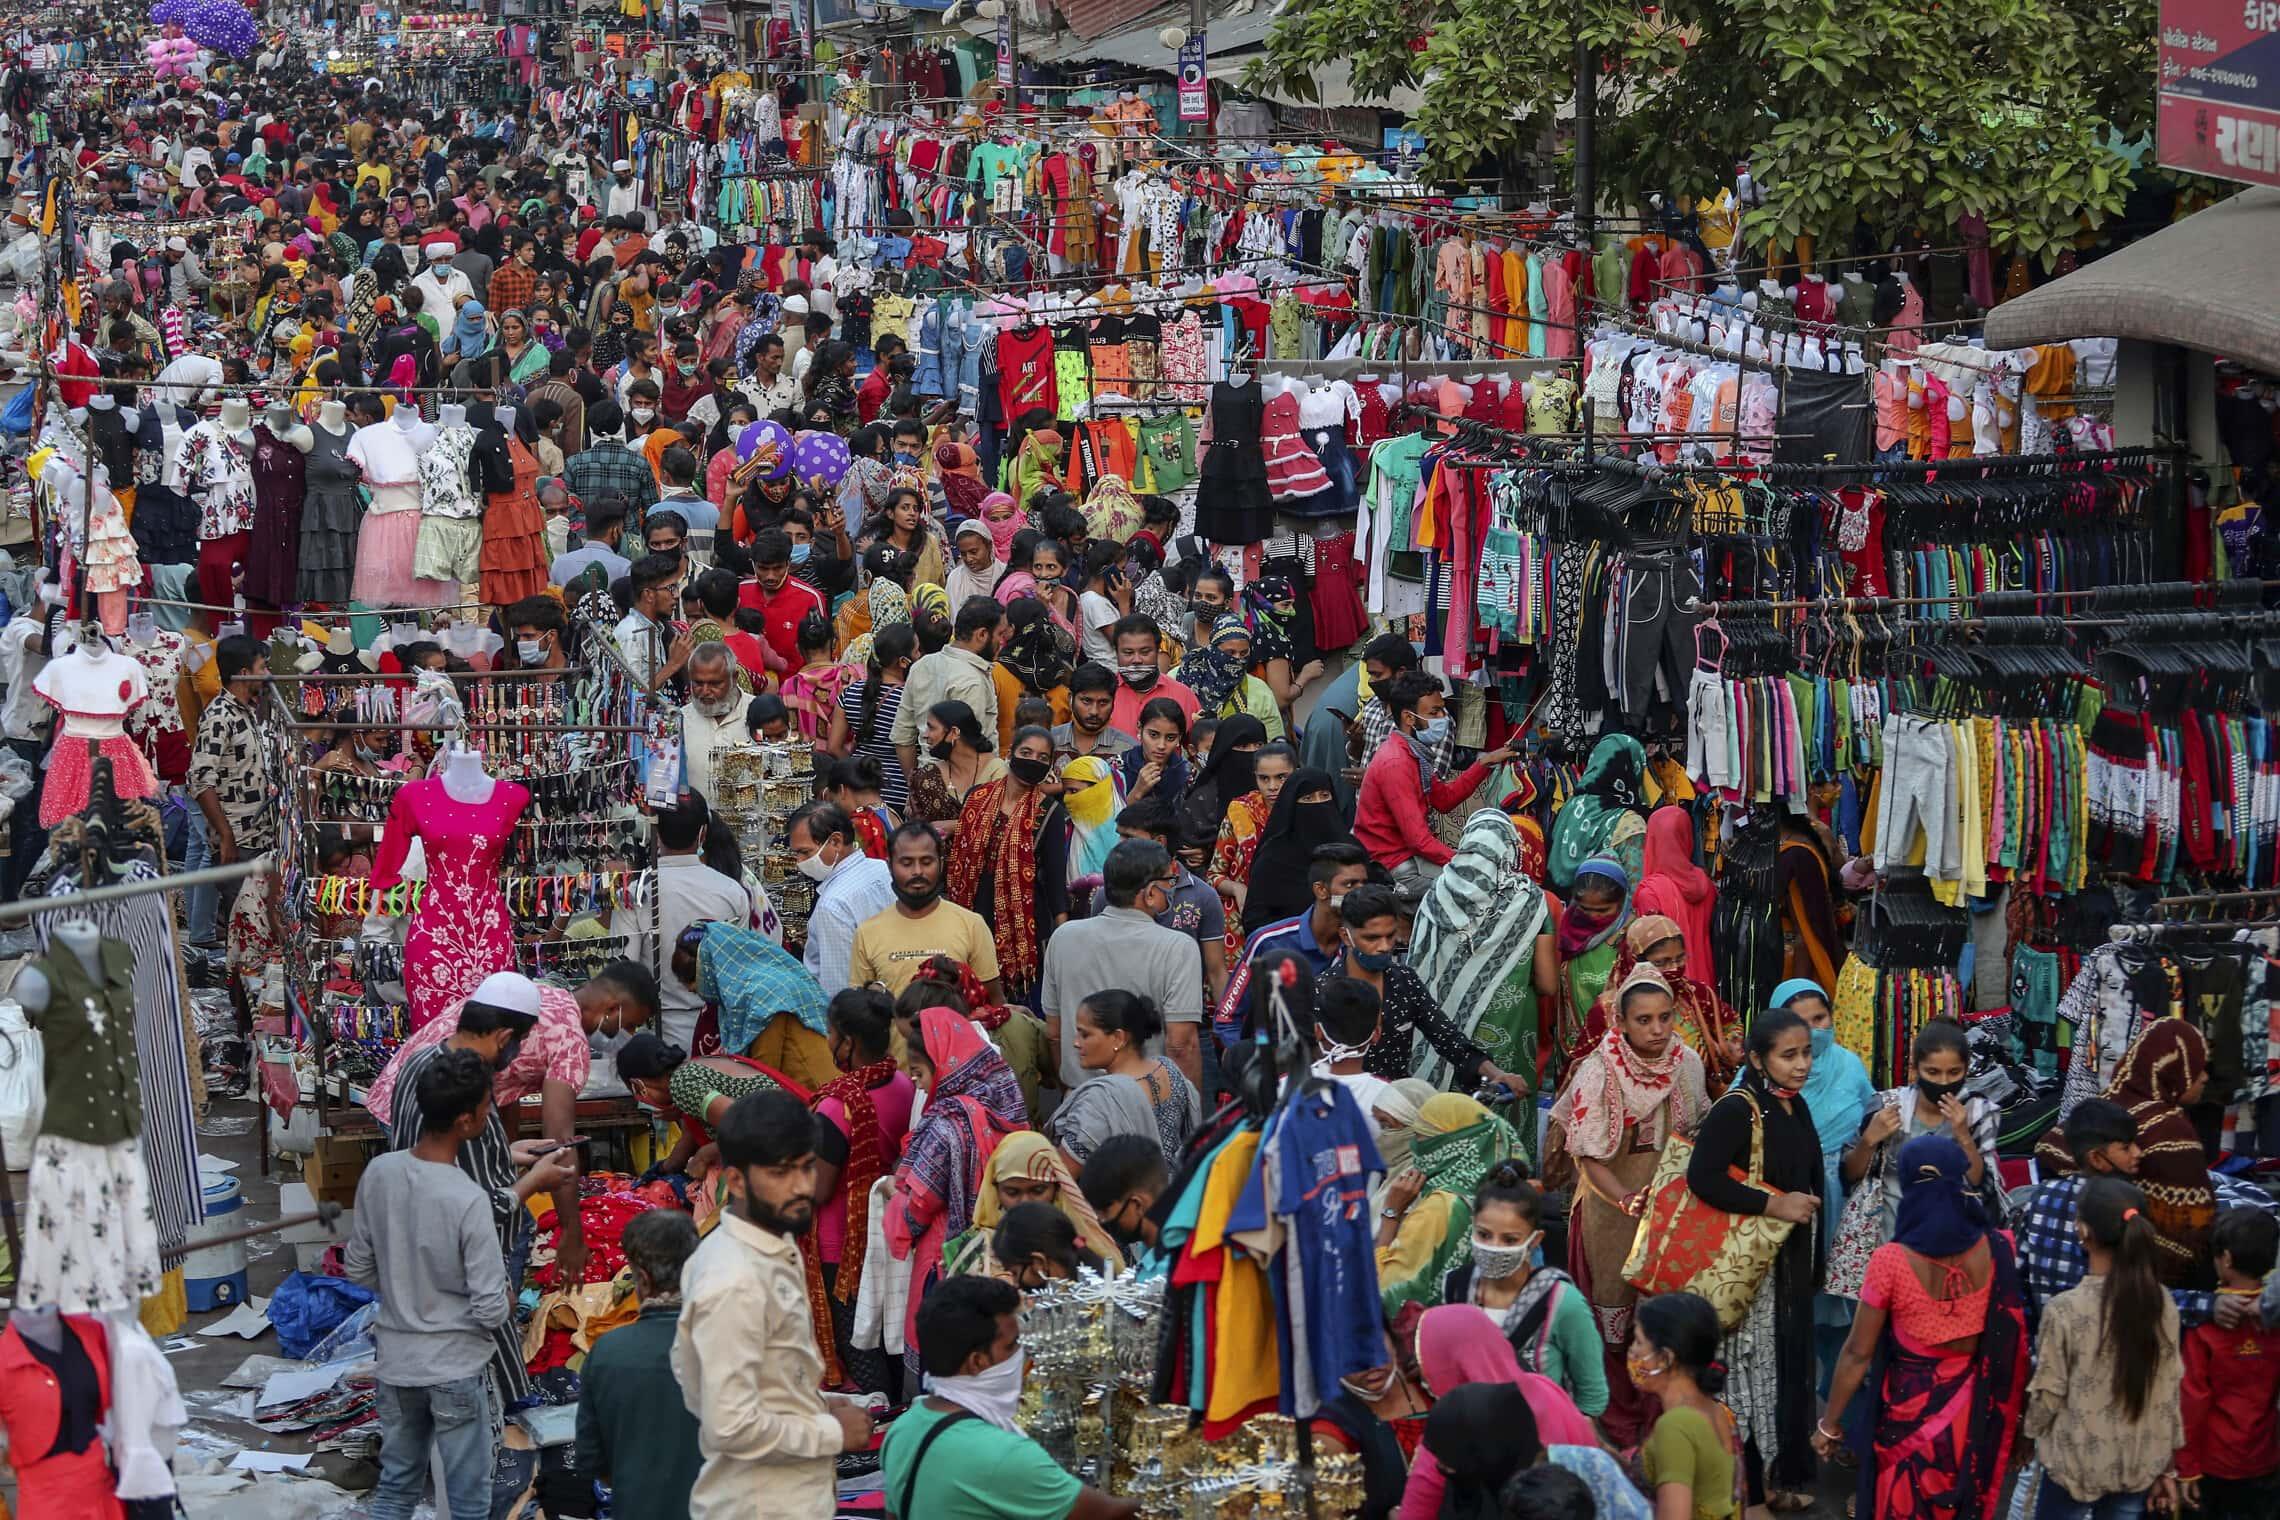 עסקים כרגיל בשוק בעיר אחמדאבאד, הודו, בנובמבר 2020 (צילום: AP Photo/Ajit Solanki)